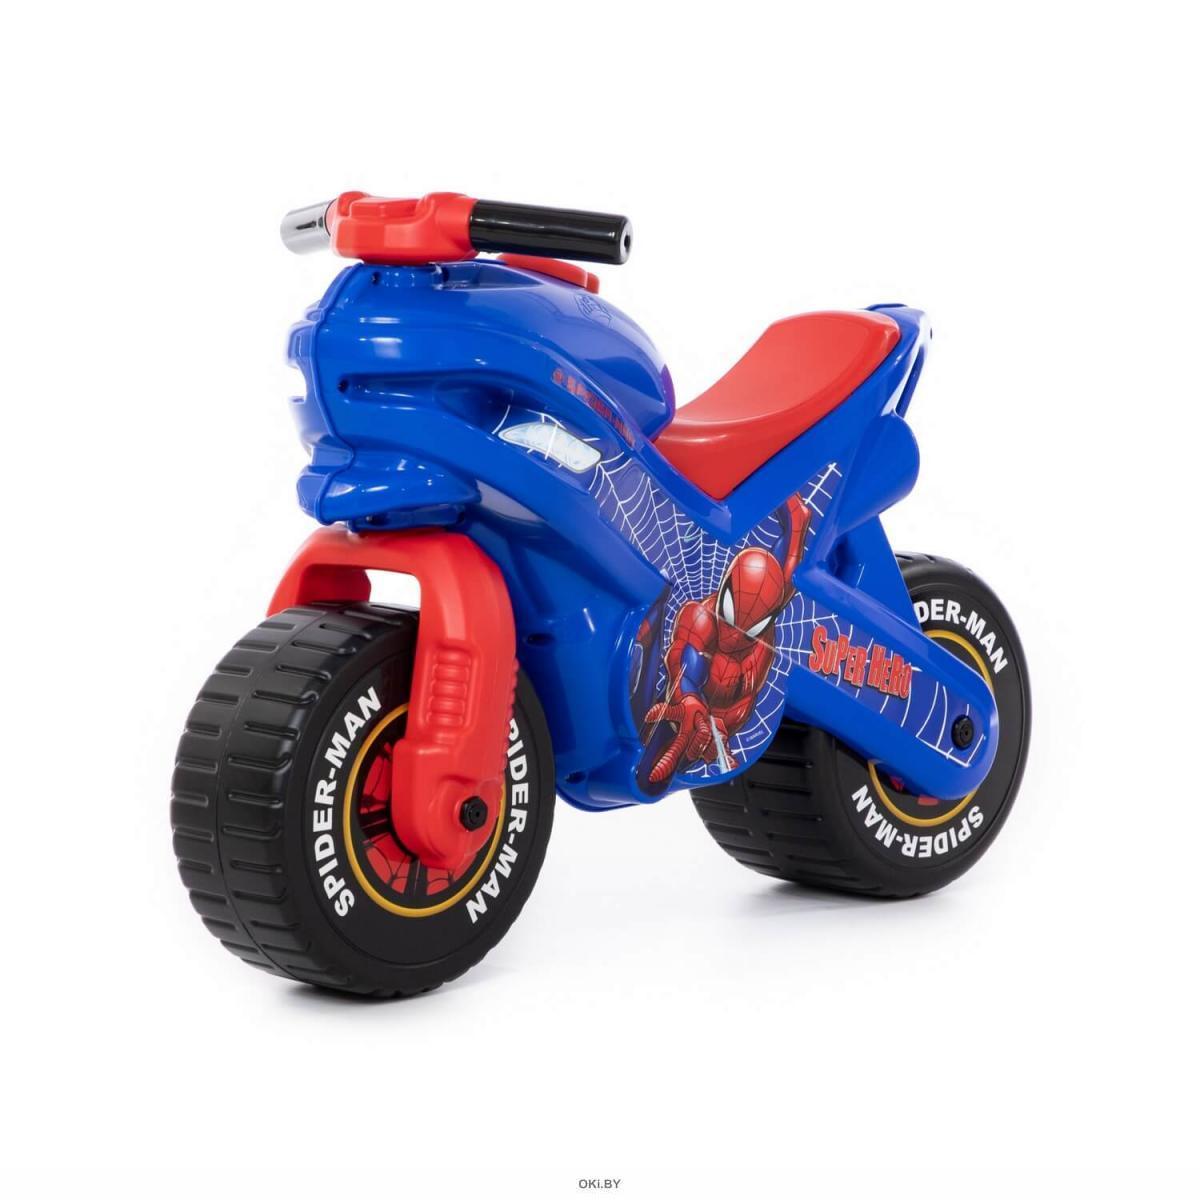 Купить Человек-паук - мотоцикл Marvel недорого с доставкой ...